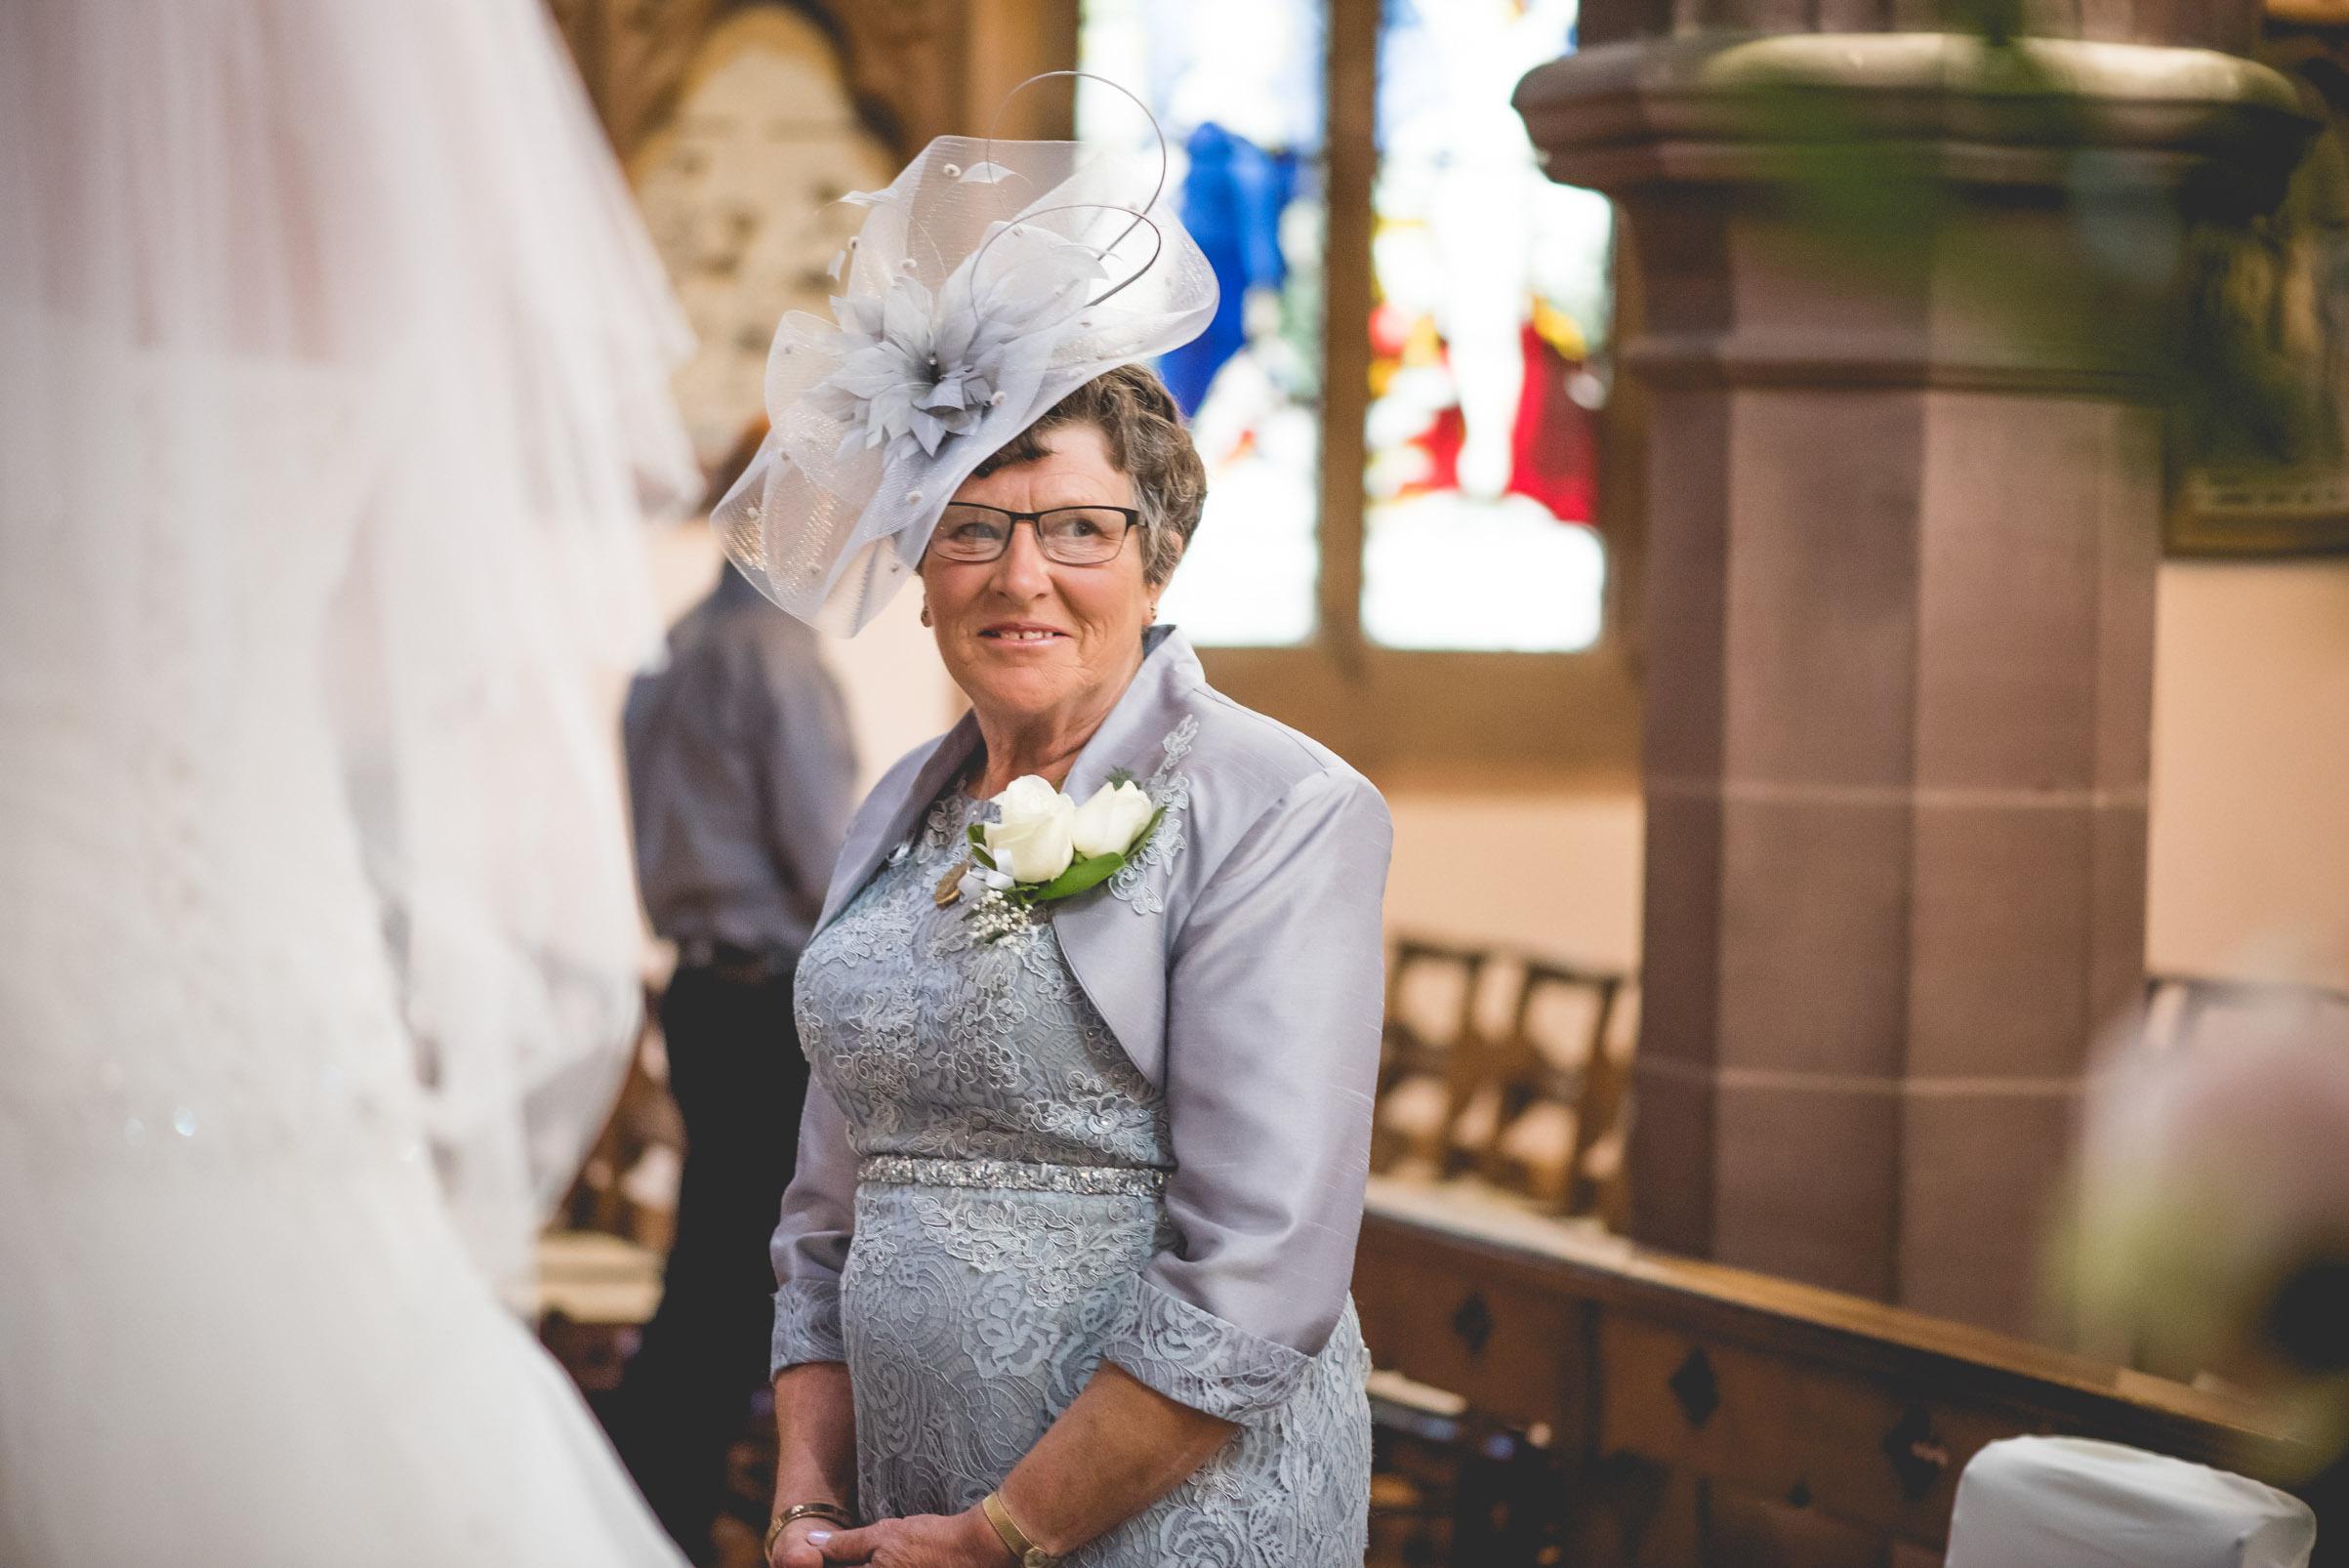 Farm-wedding-staffordshire-st-marys-catholic-church-uttoxter-31.jpg